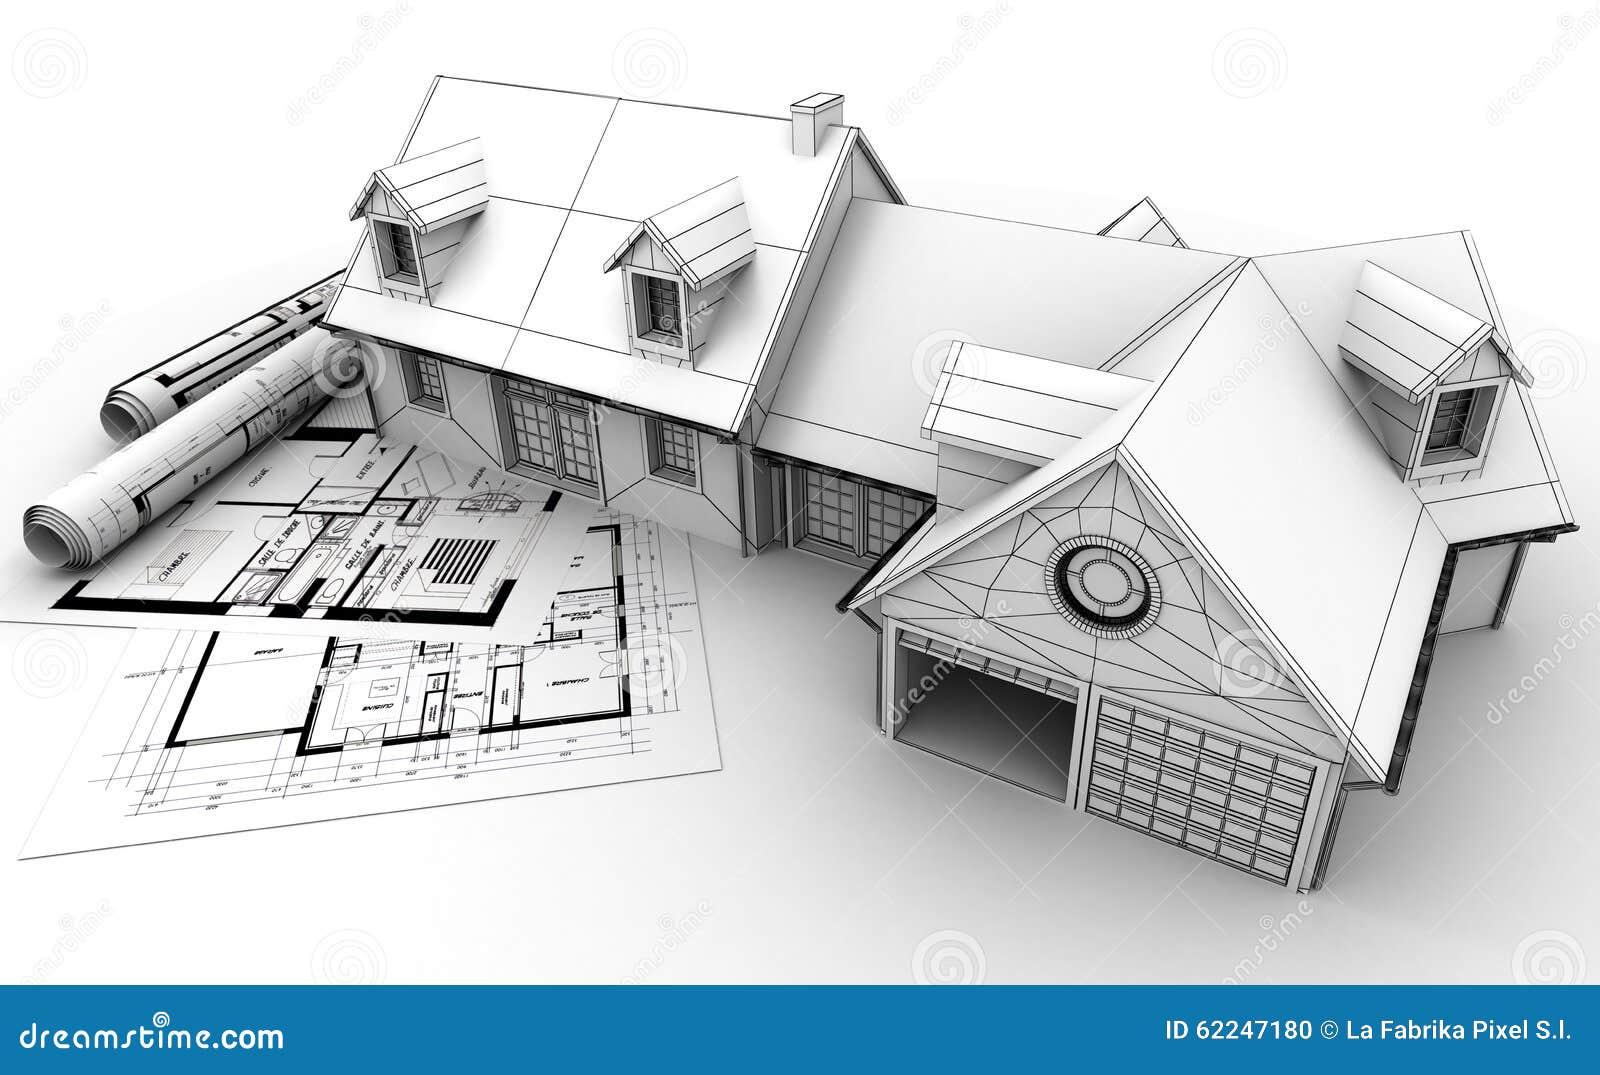 库存例证: 家庭建筑学项目完成图片